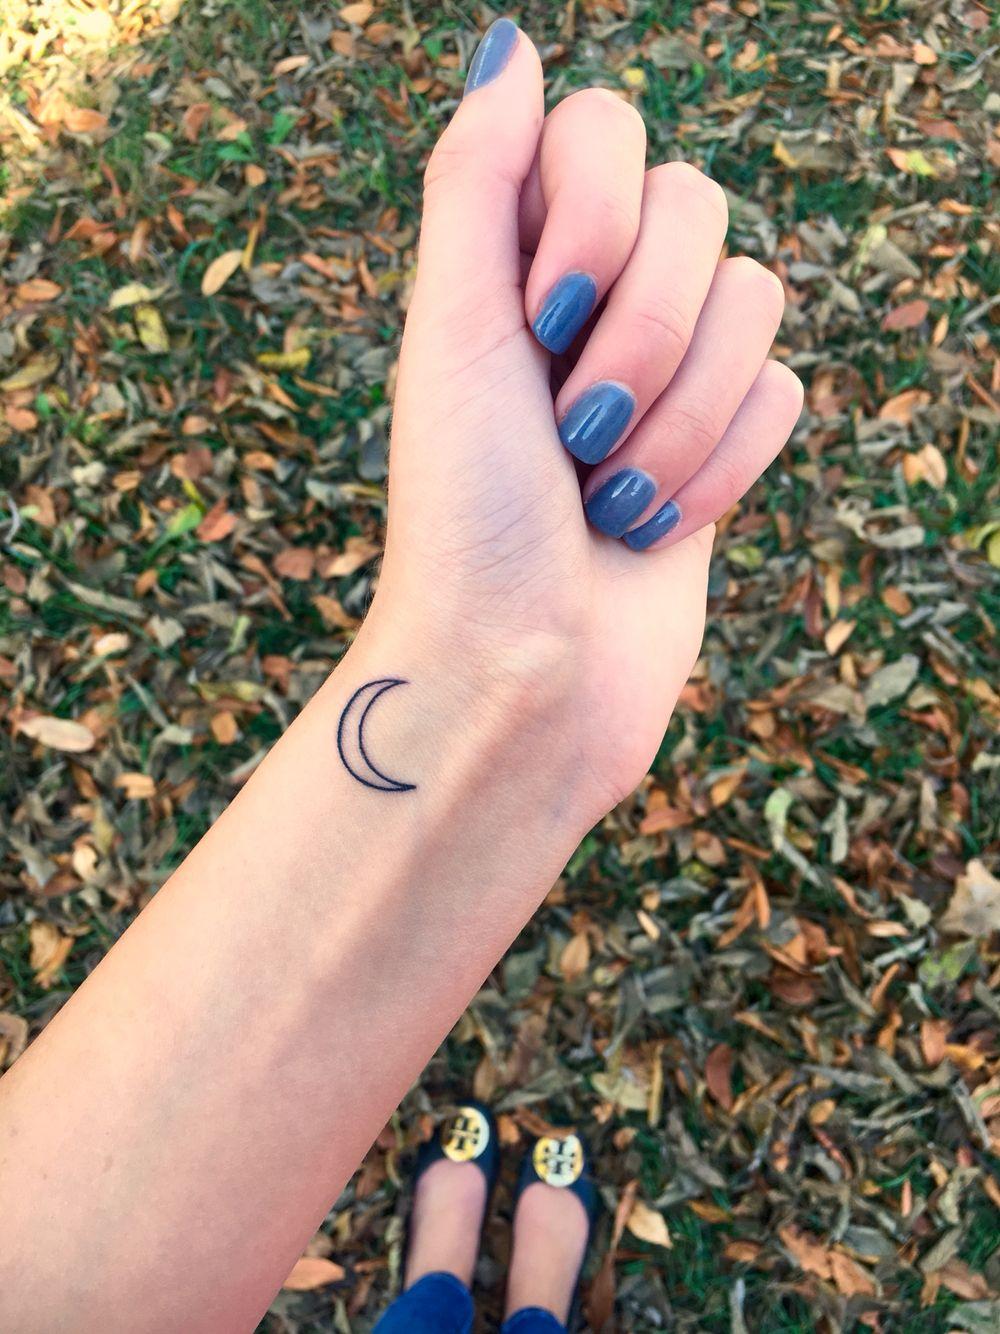 Crescent Moon Wrist Tattoo Moon Tattoo Wrist Small Tattoos Small Moon Tattoos